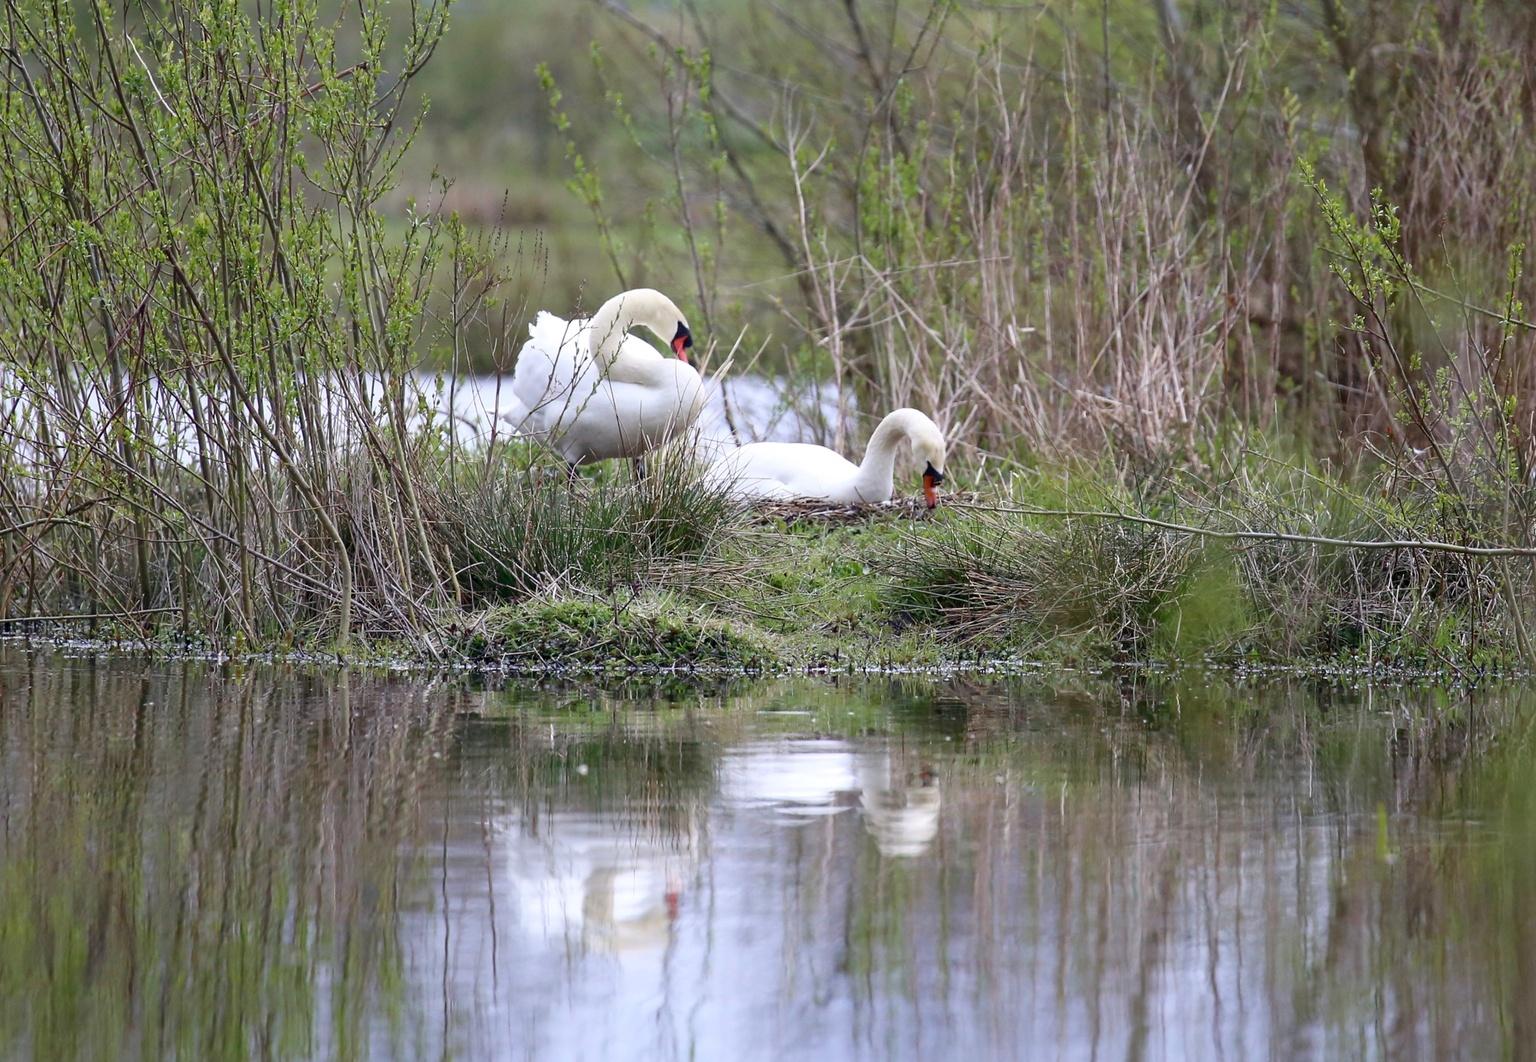 Zwanen - Wisseling van broedbeurt - foto door Ebben op 11-04-2021 - deze foto bevat: water, vogel, fabriek, plant gemeenschap, ecoregio, natuurlijke omgeving, natuurlijk landschap, bek, meer, watervogels